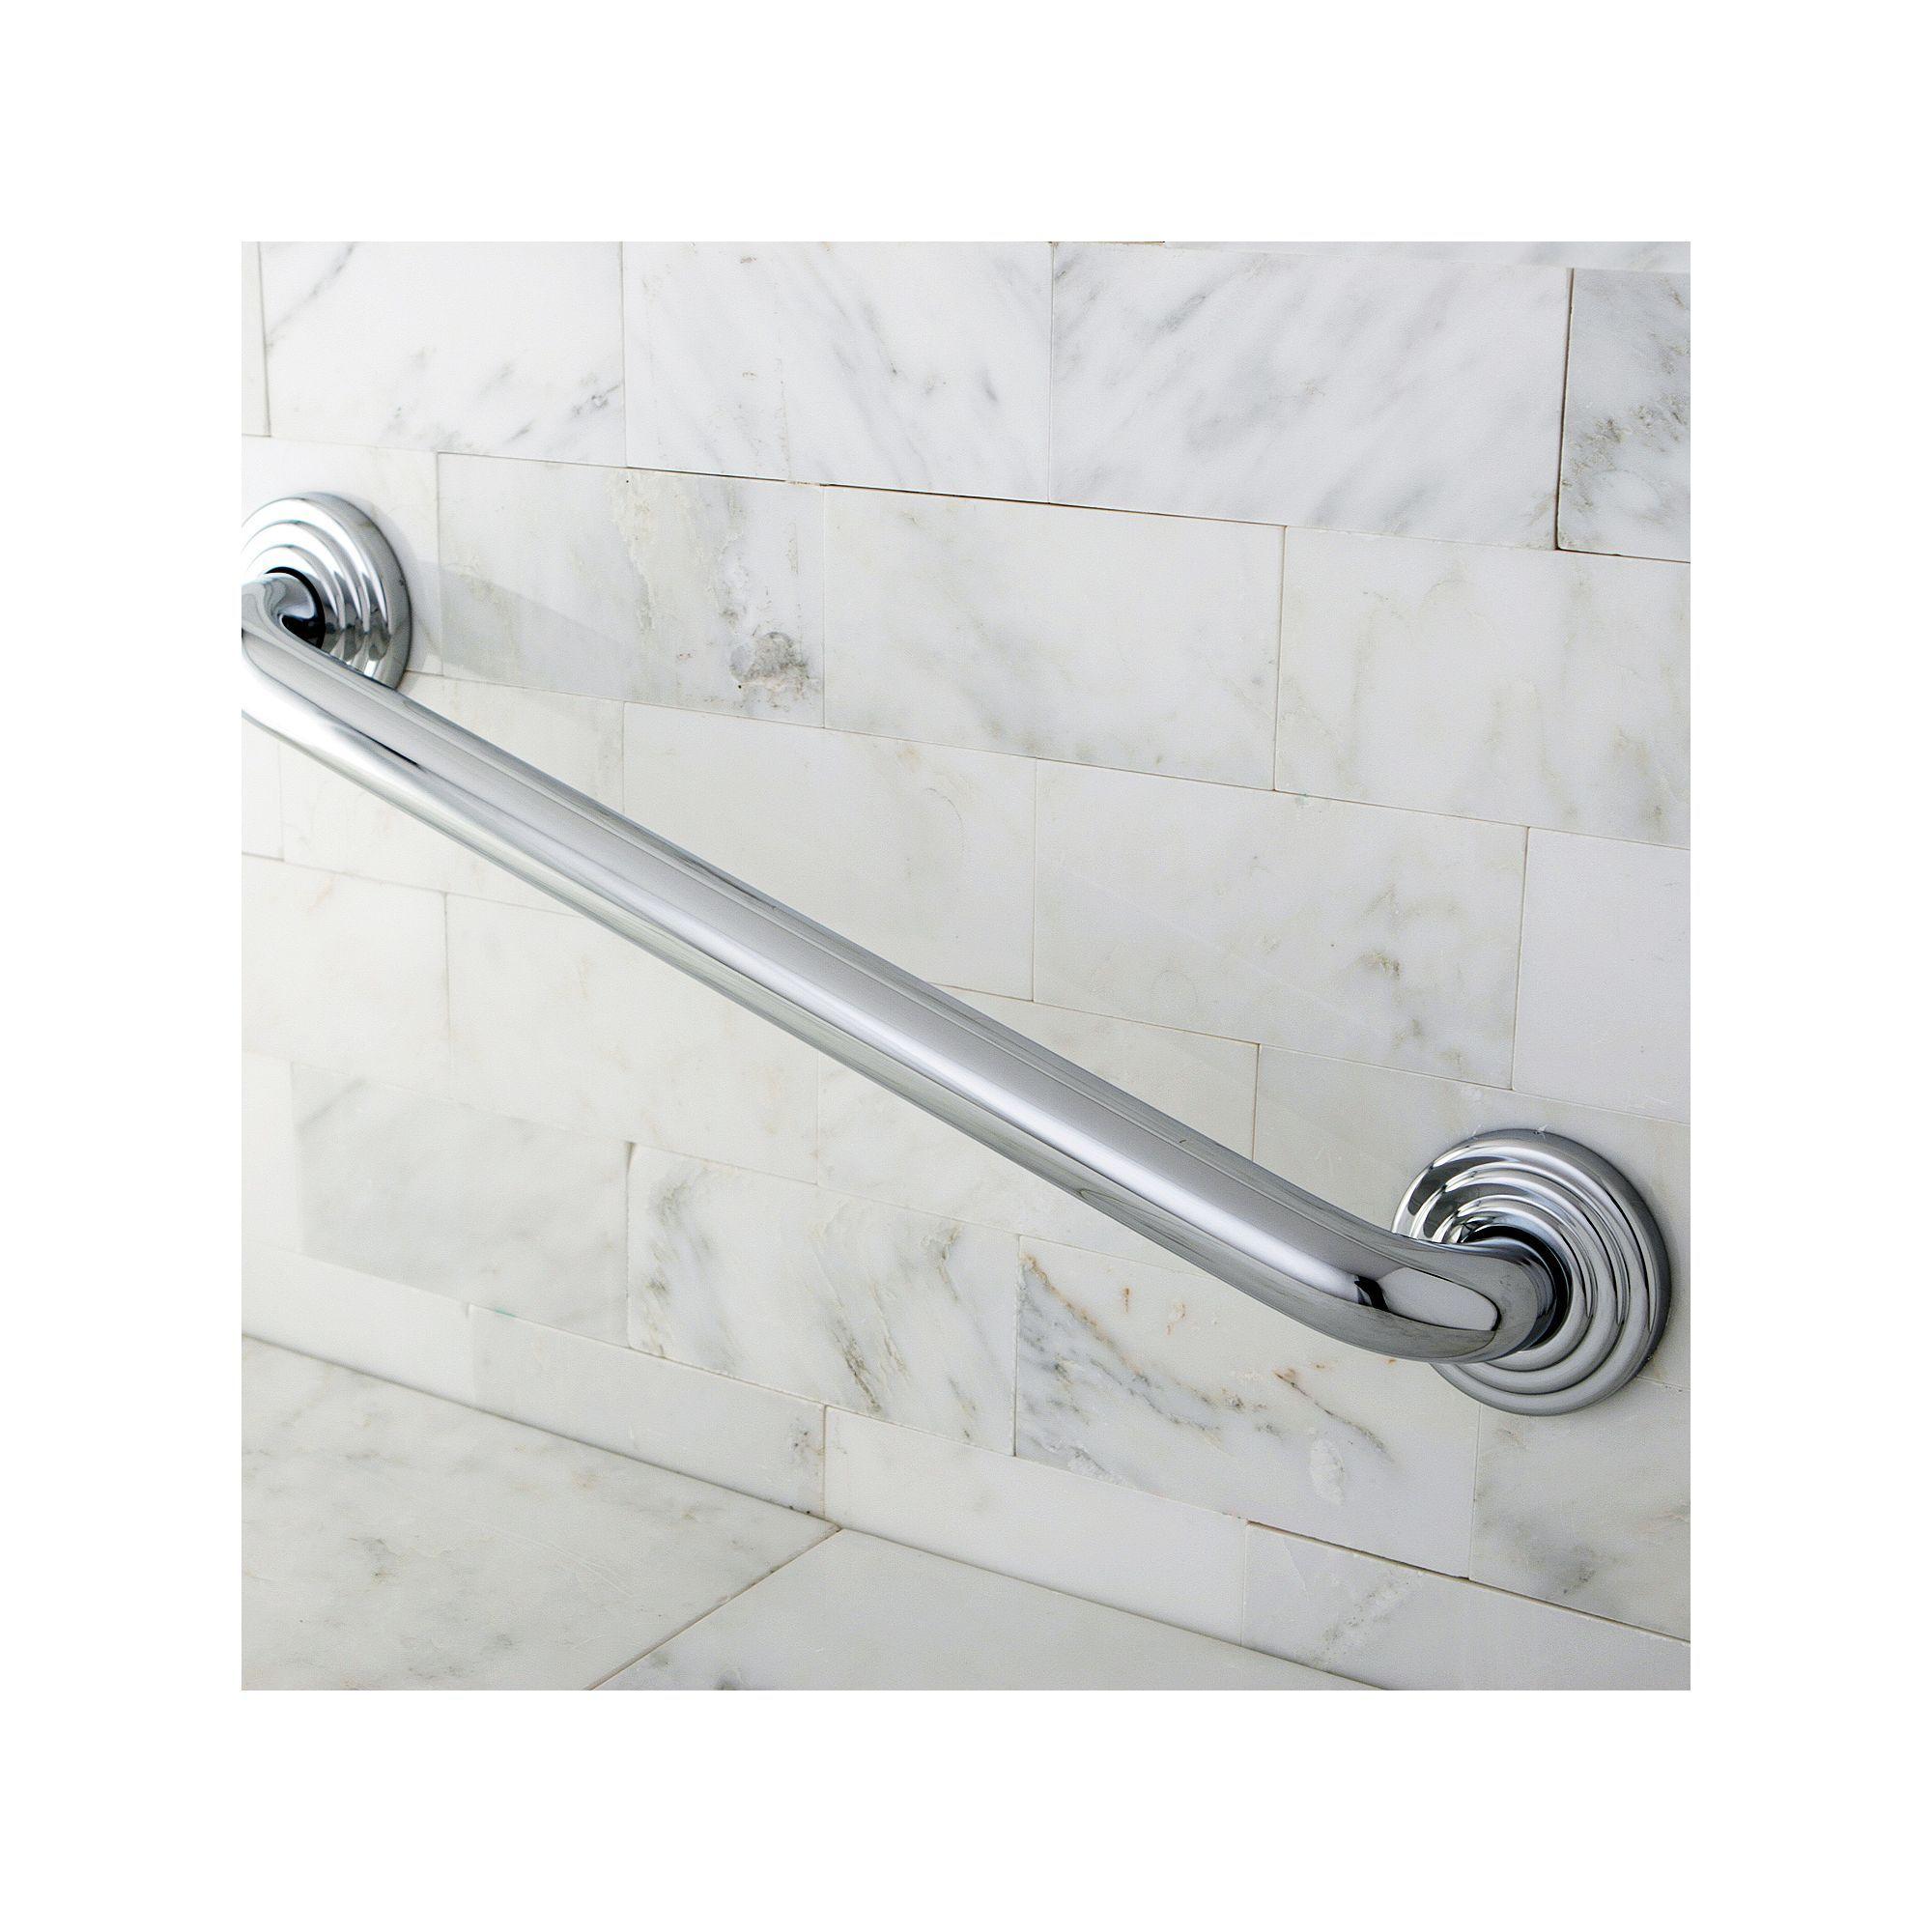 Chromefinish bathtub grab bar uu grey grab bars and products